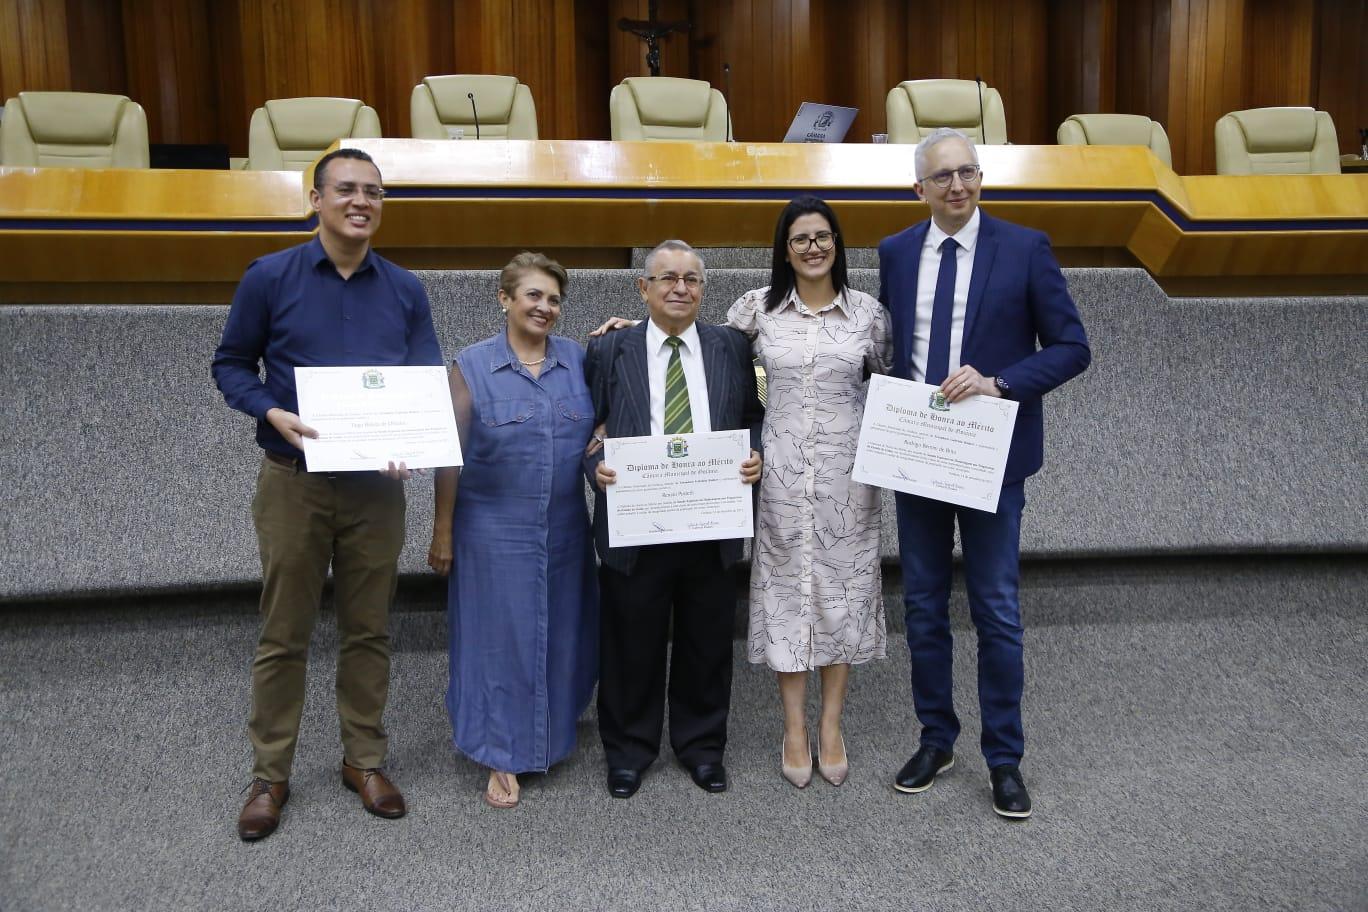 Vereadora Gabriela Rodart promove sessão solene em homenagem a psiquiatras de Goiânia